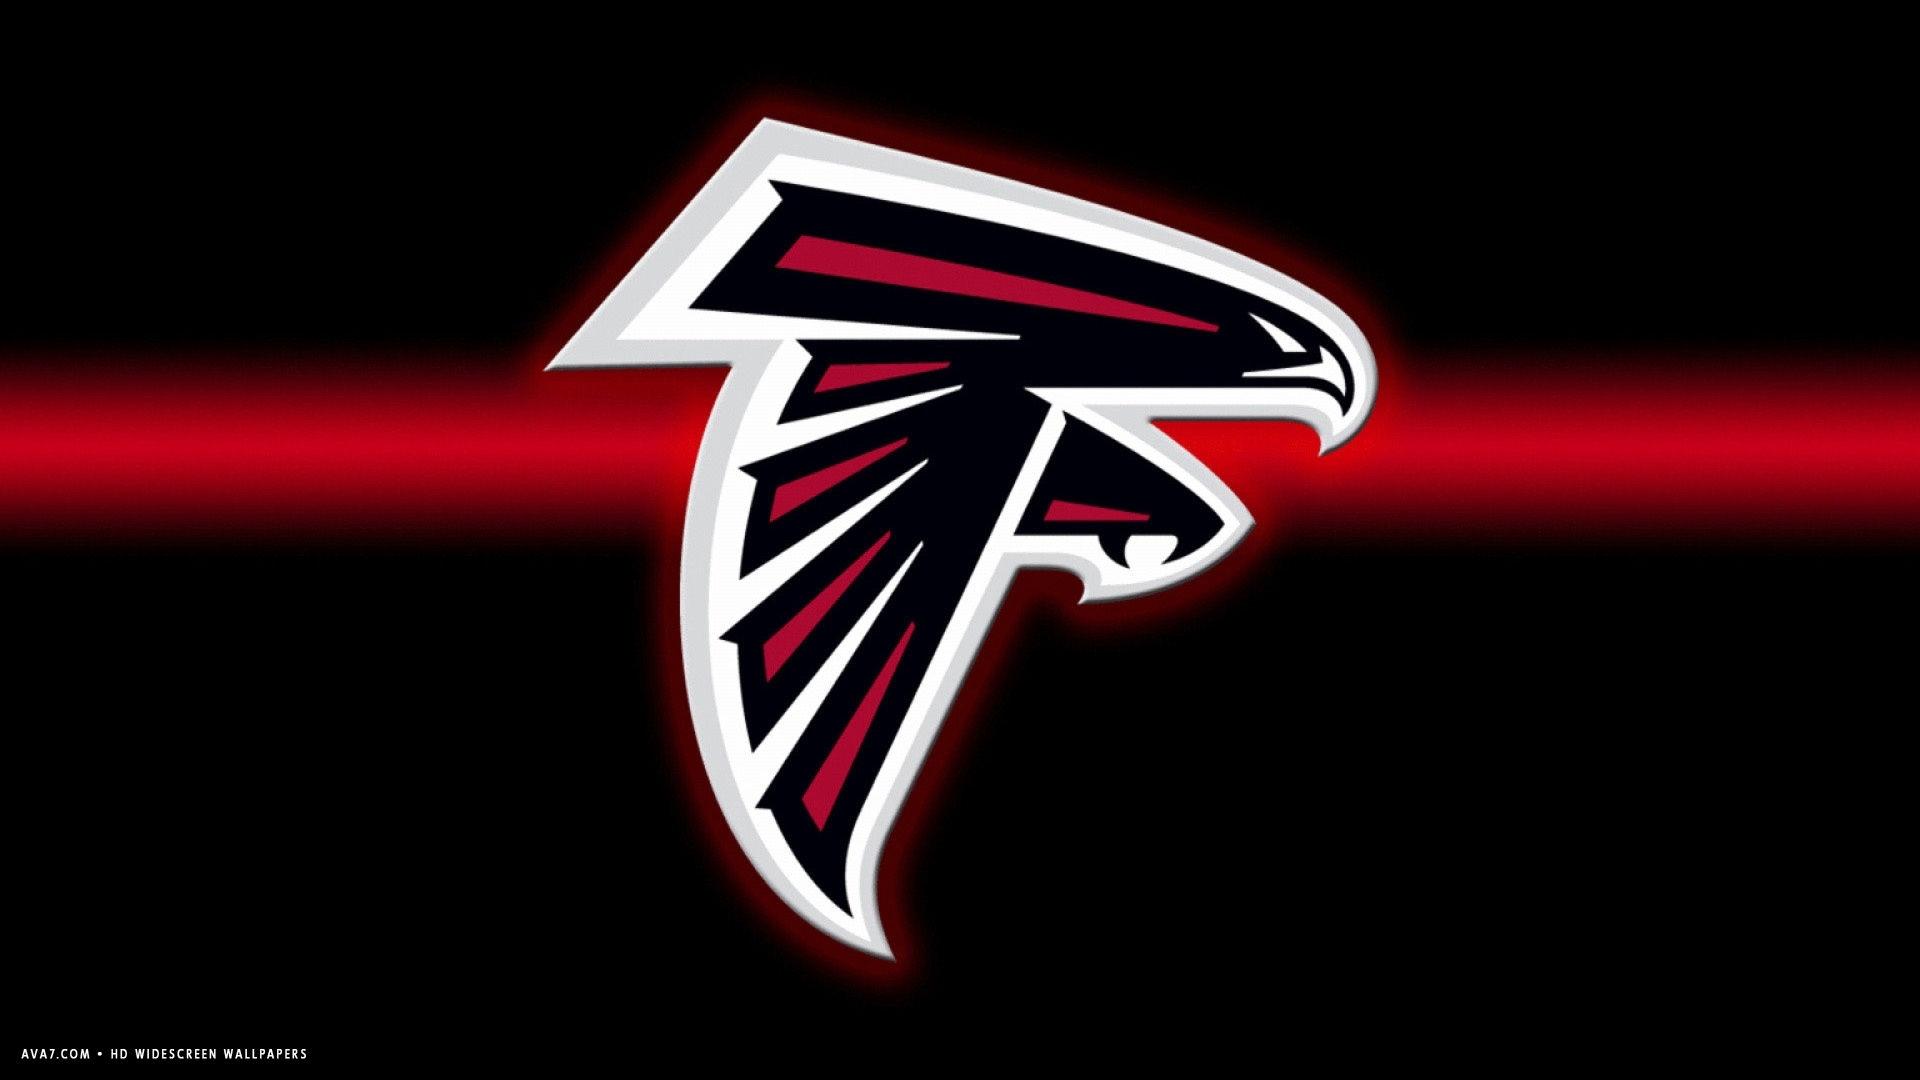 atlanta falcons nfl football team hd widescreen wallpaper / american